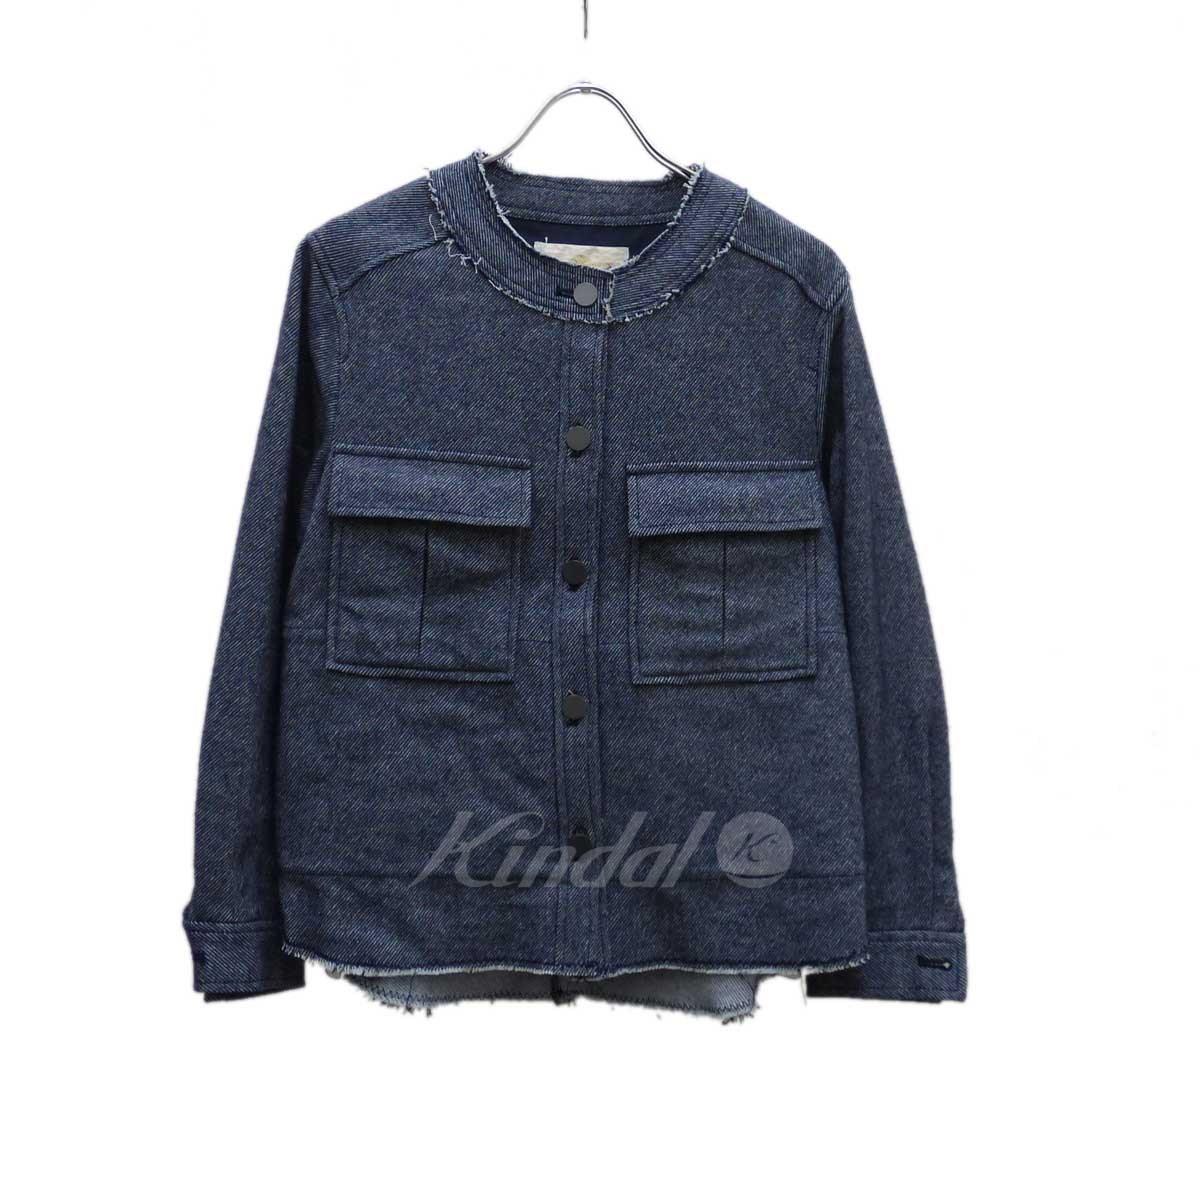 【中古】GRACE class C/W デニムシャツジャケット インディゴ サイズ:36 【送料無料】 【290119】(グレースクラス)